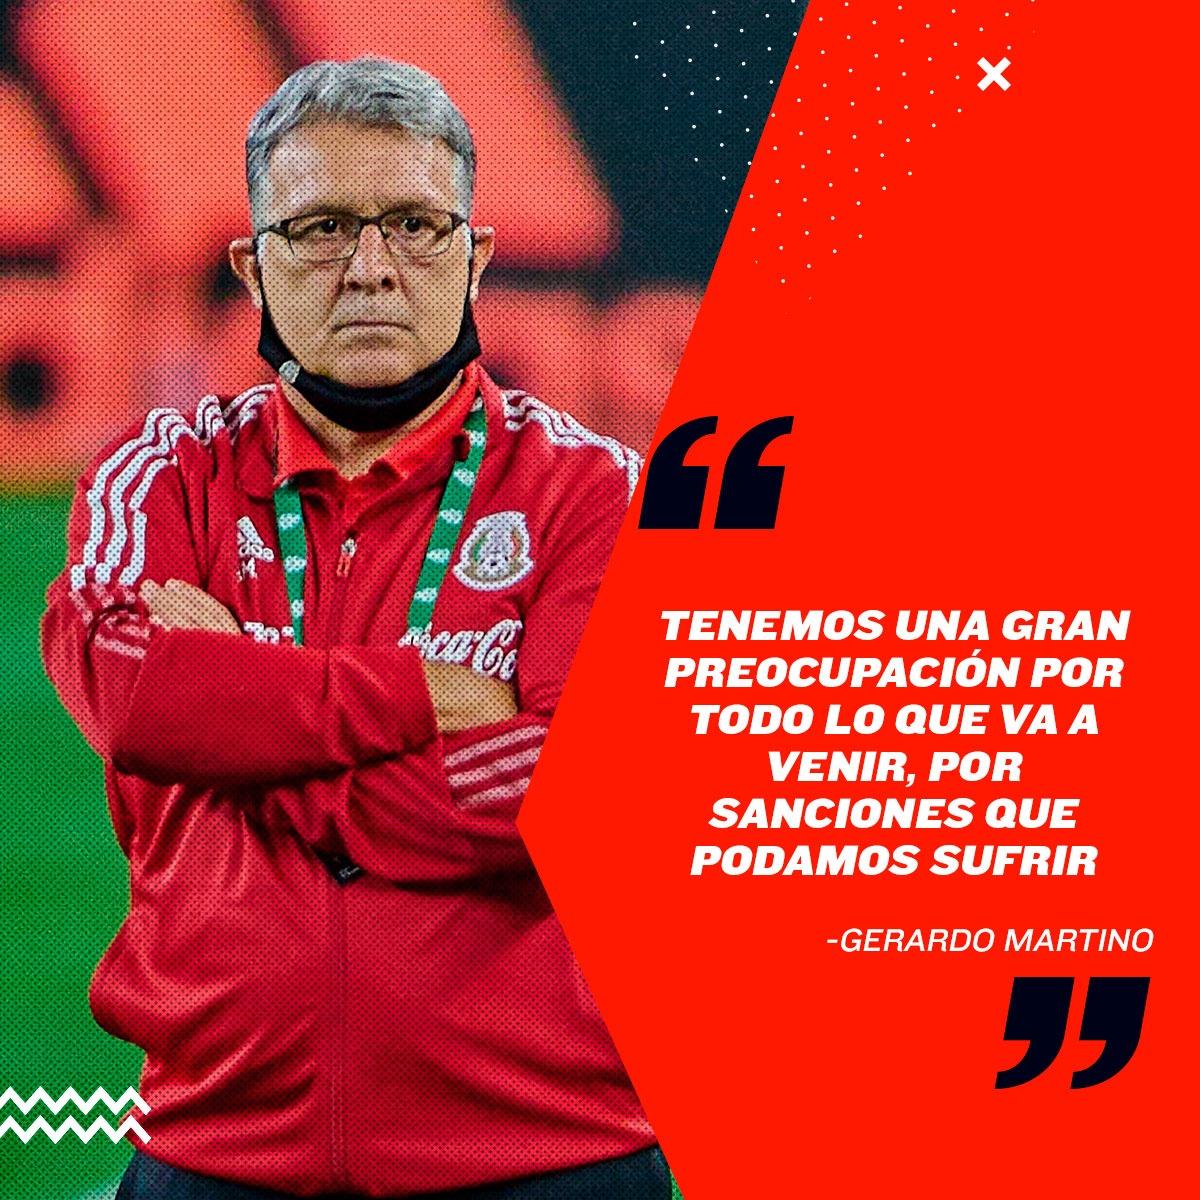 Declaración de Gerardo Martino sobre sanción a Selección Mexicana